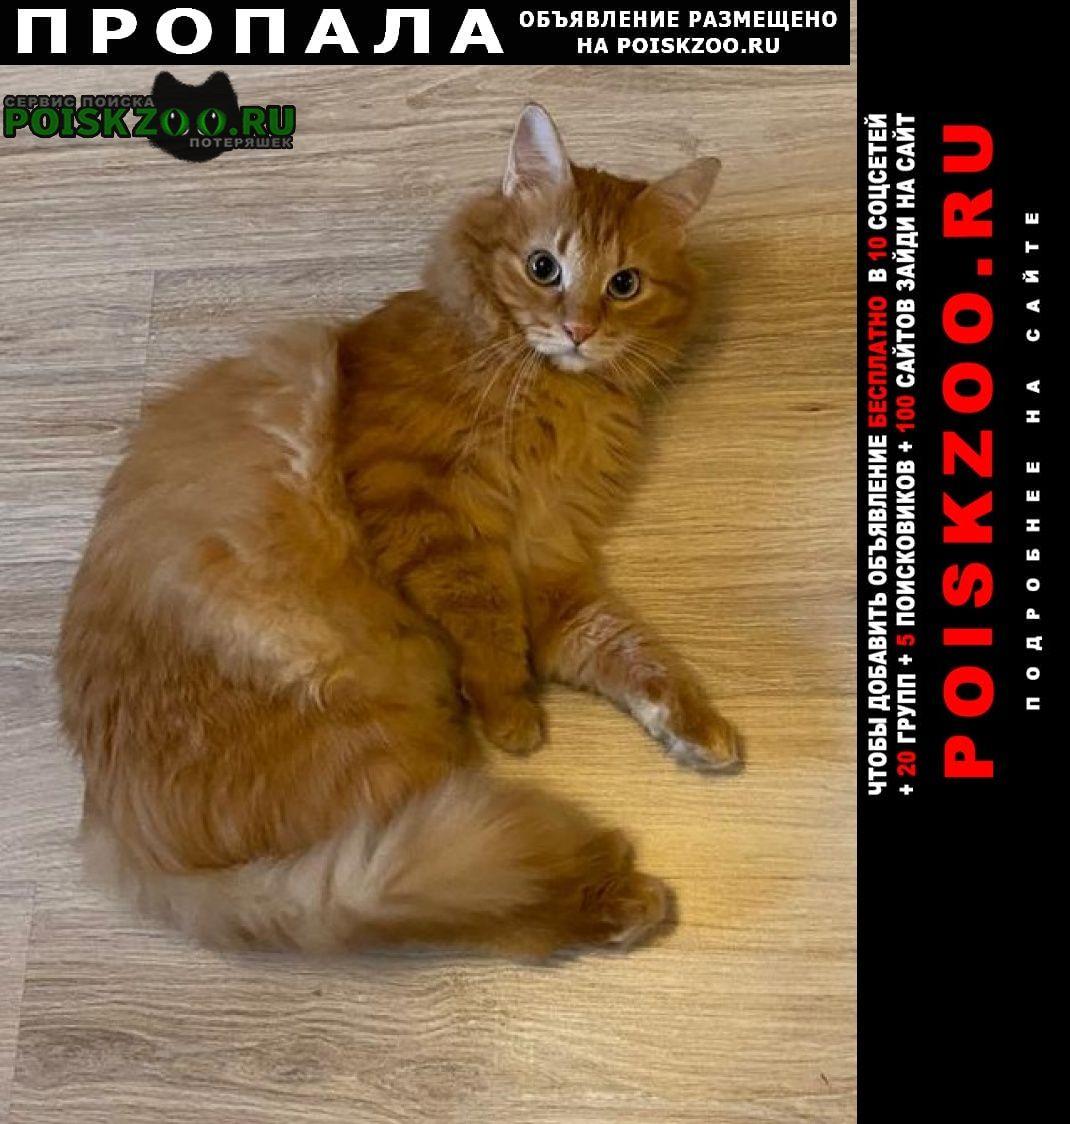 Пропала кошка рыжий кот в измайлово Москва